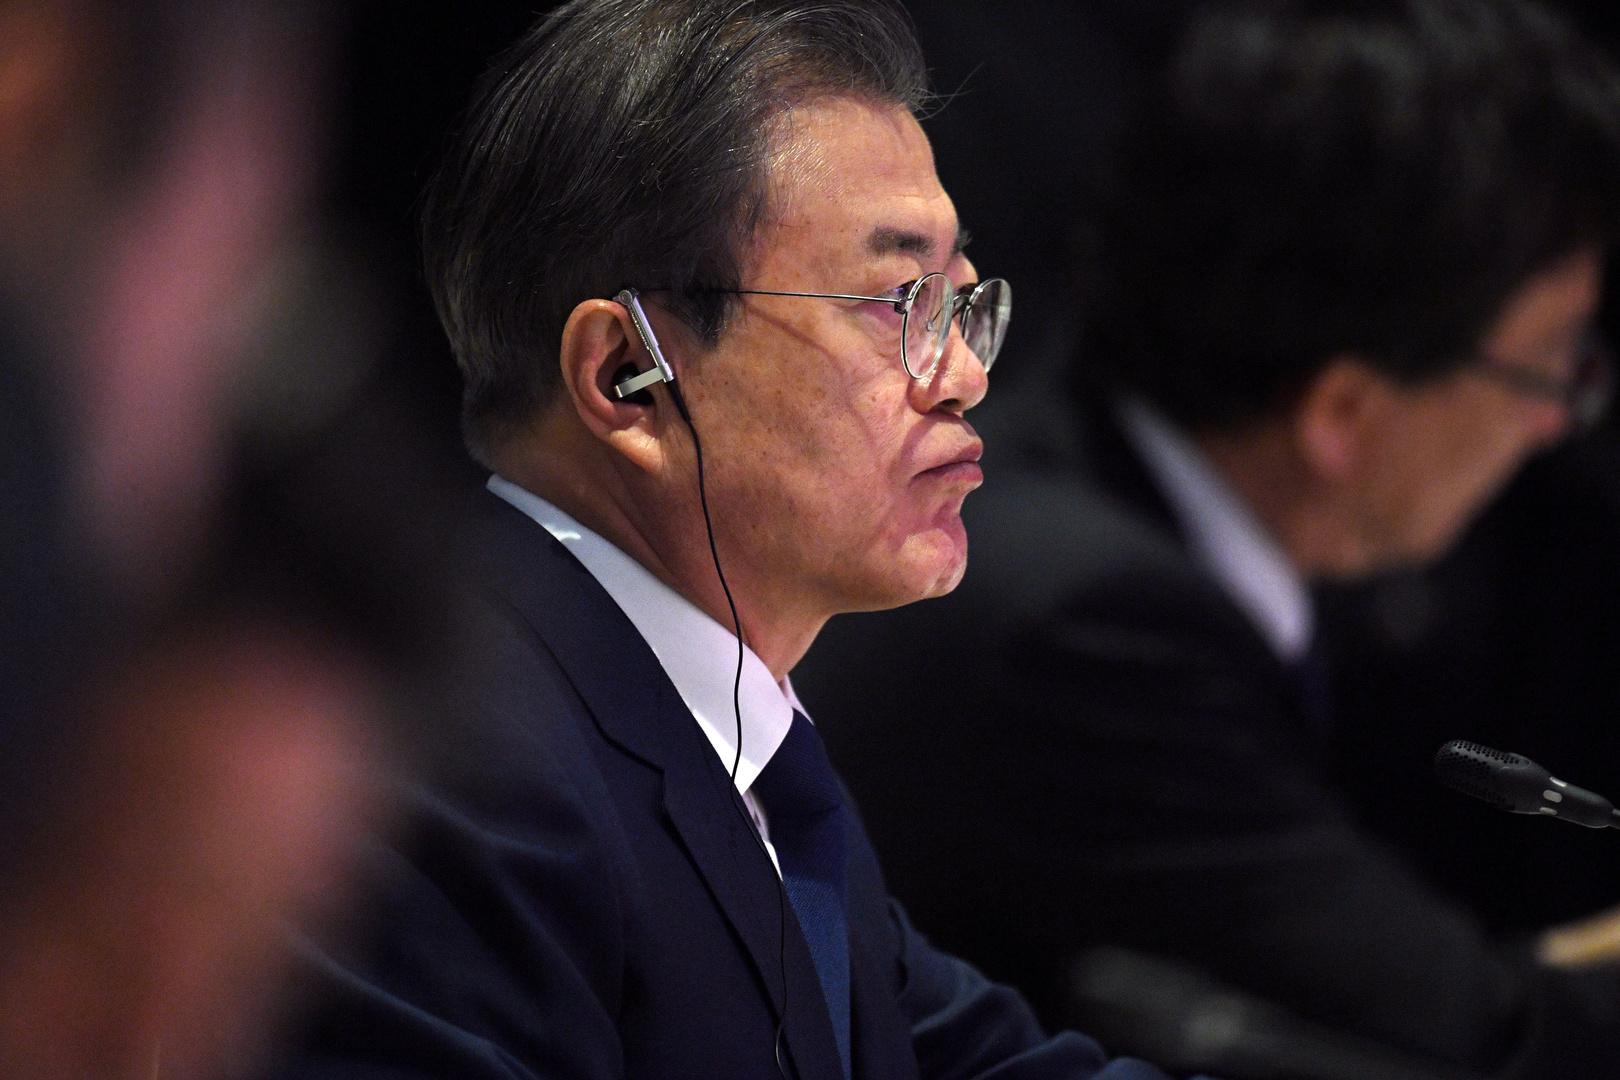 رئيس كوريا الجنوبية: توقف المحادثات مع واشنطن غير مفيد لكوريا الشمالية